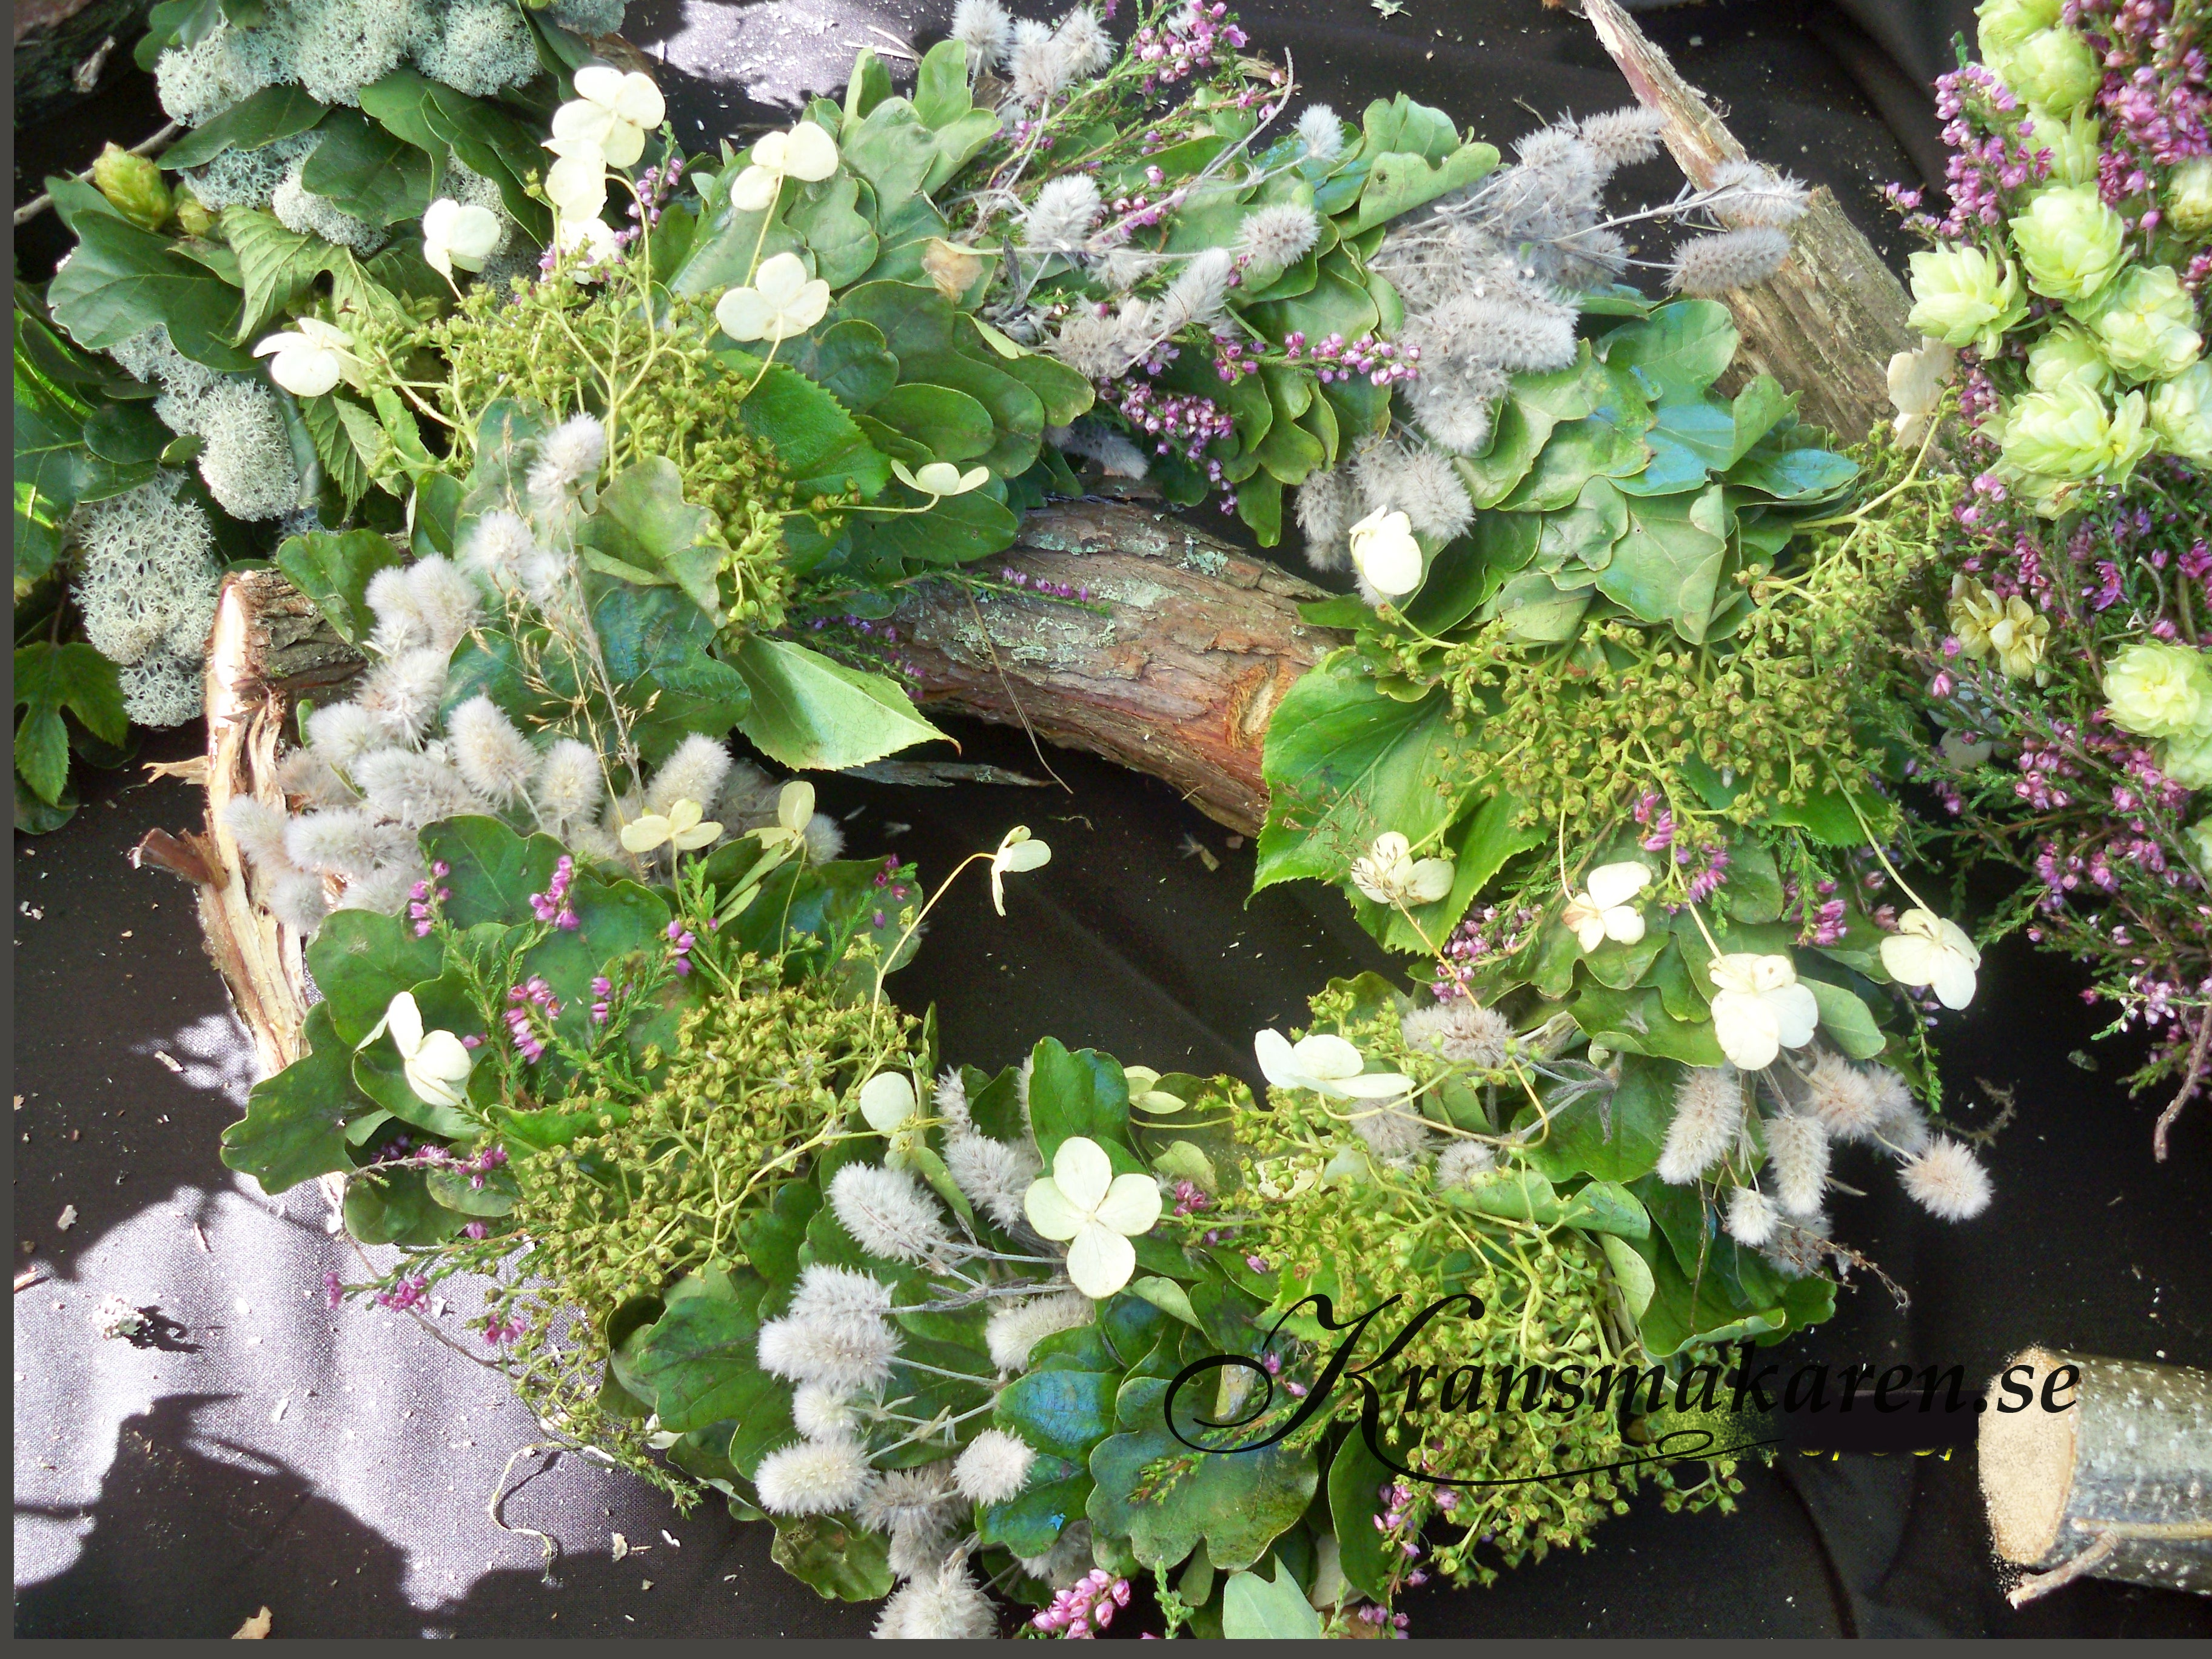 Höstkrans med hortensia, harsvansar, ljung och ekblad